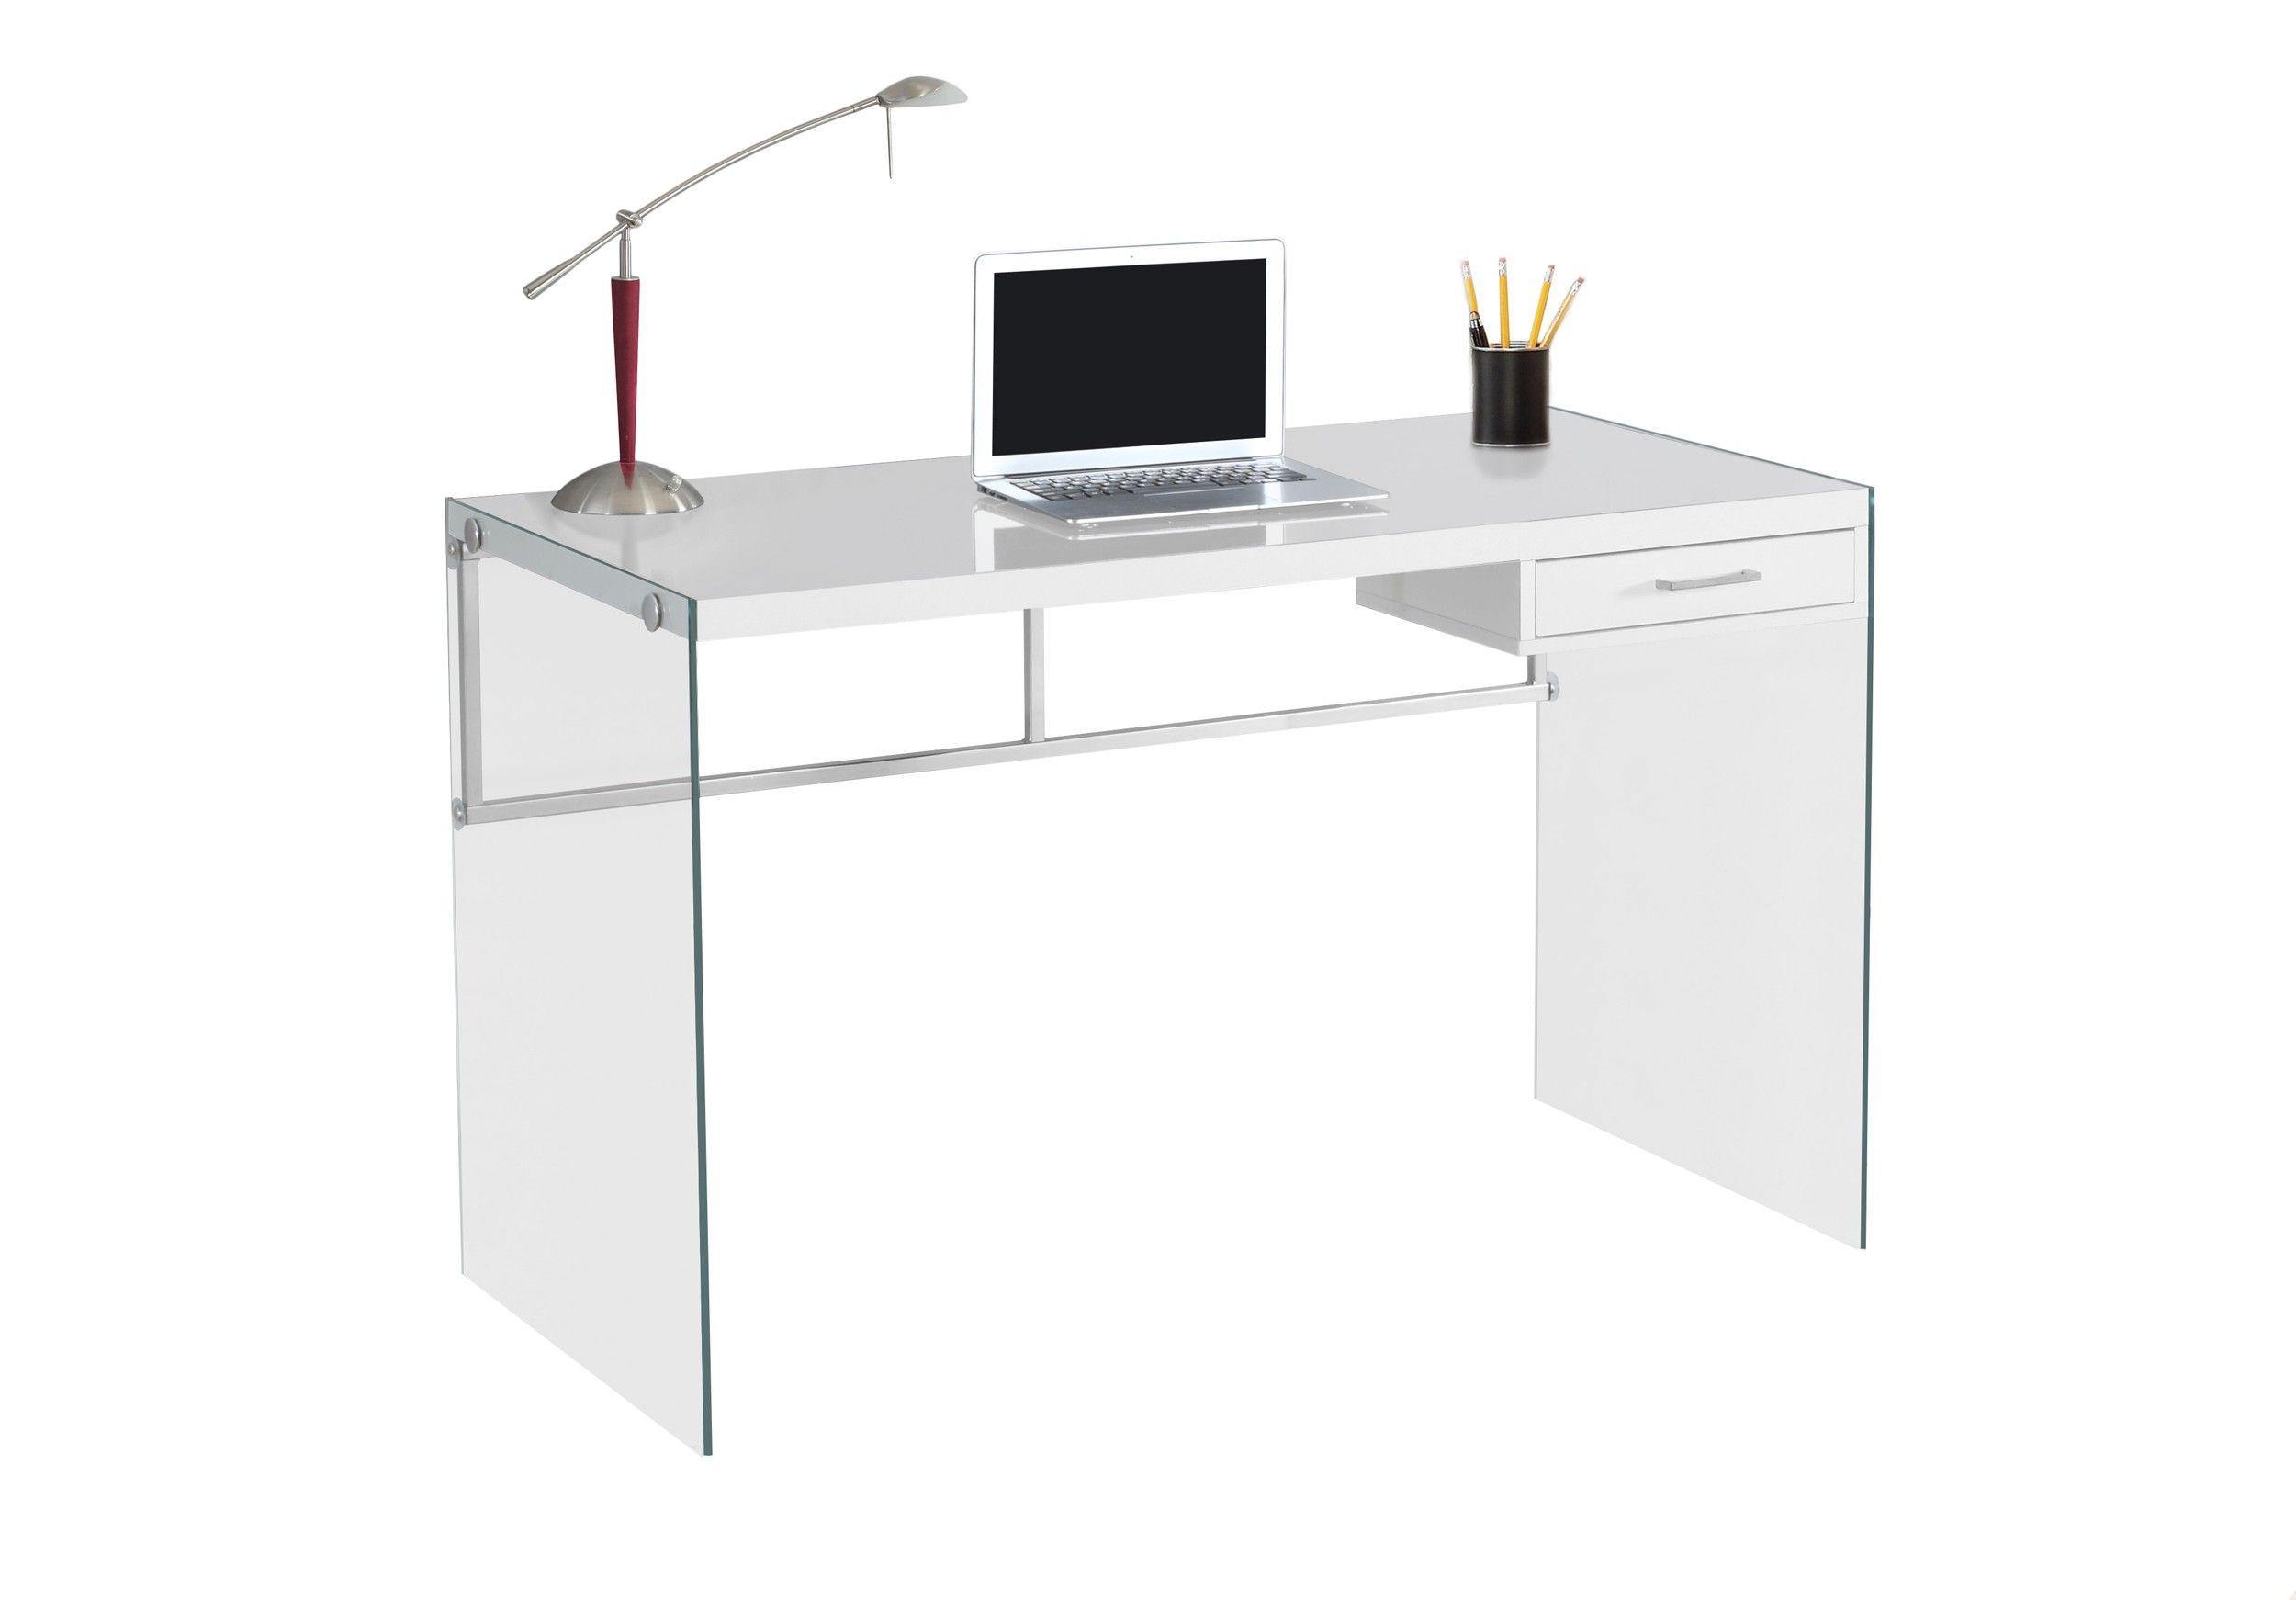 Moarch Specialties Glossy White 48 Computer Desk Scrivania Studio Scrivania